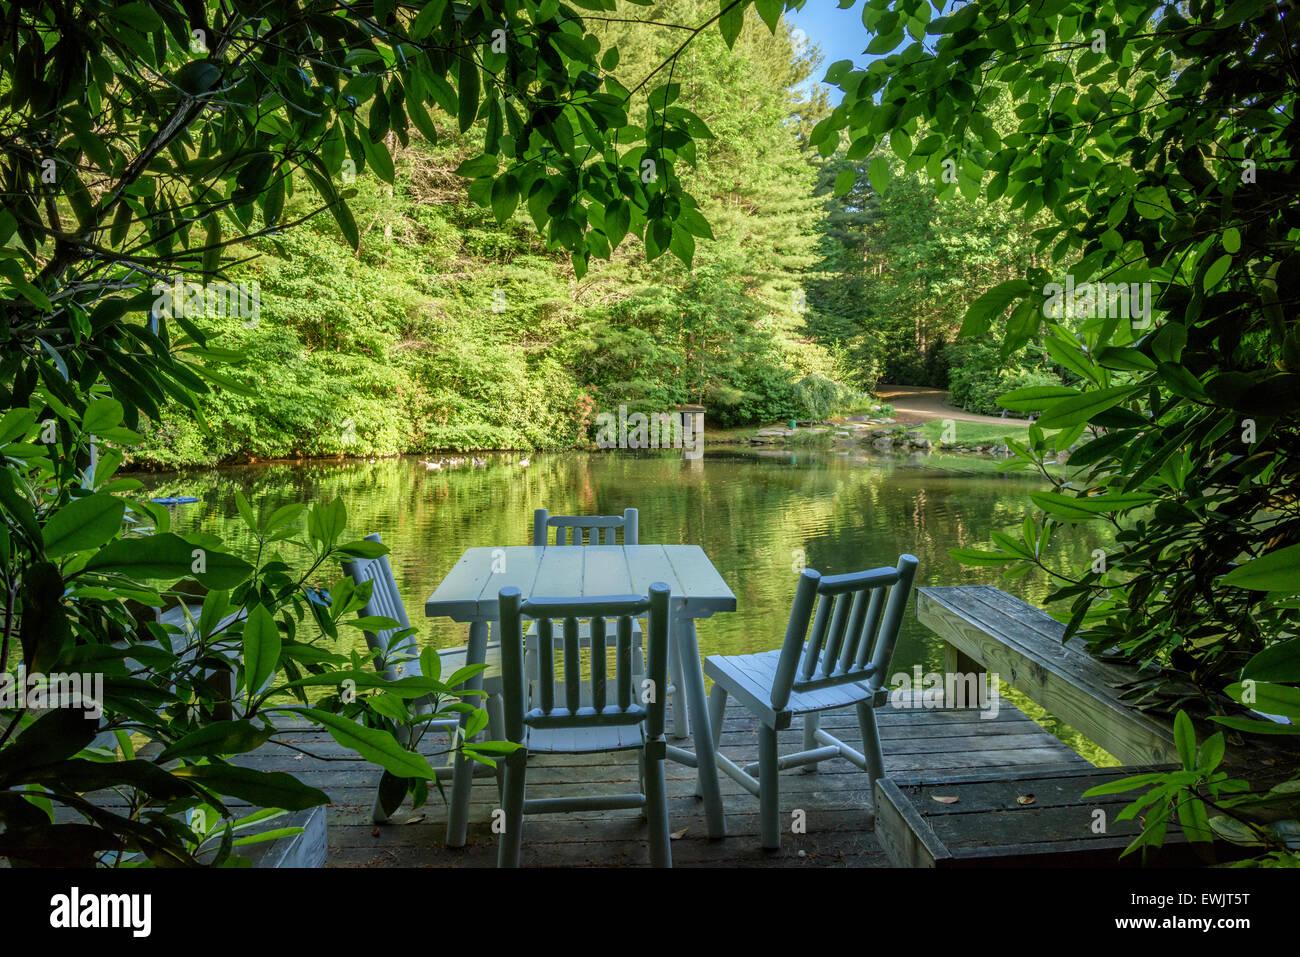 Reflecting pond on North Carolina estate. - Stock Image